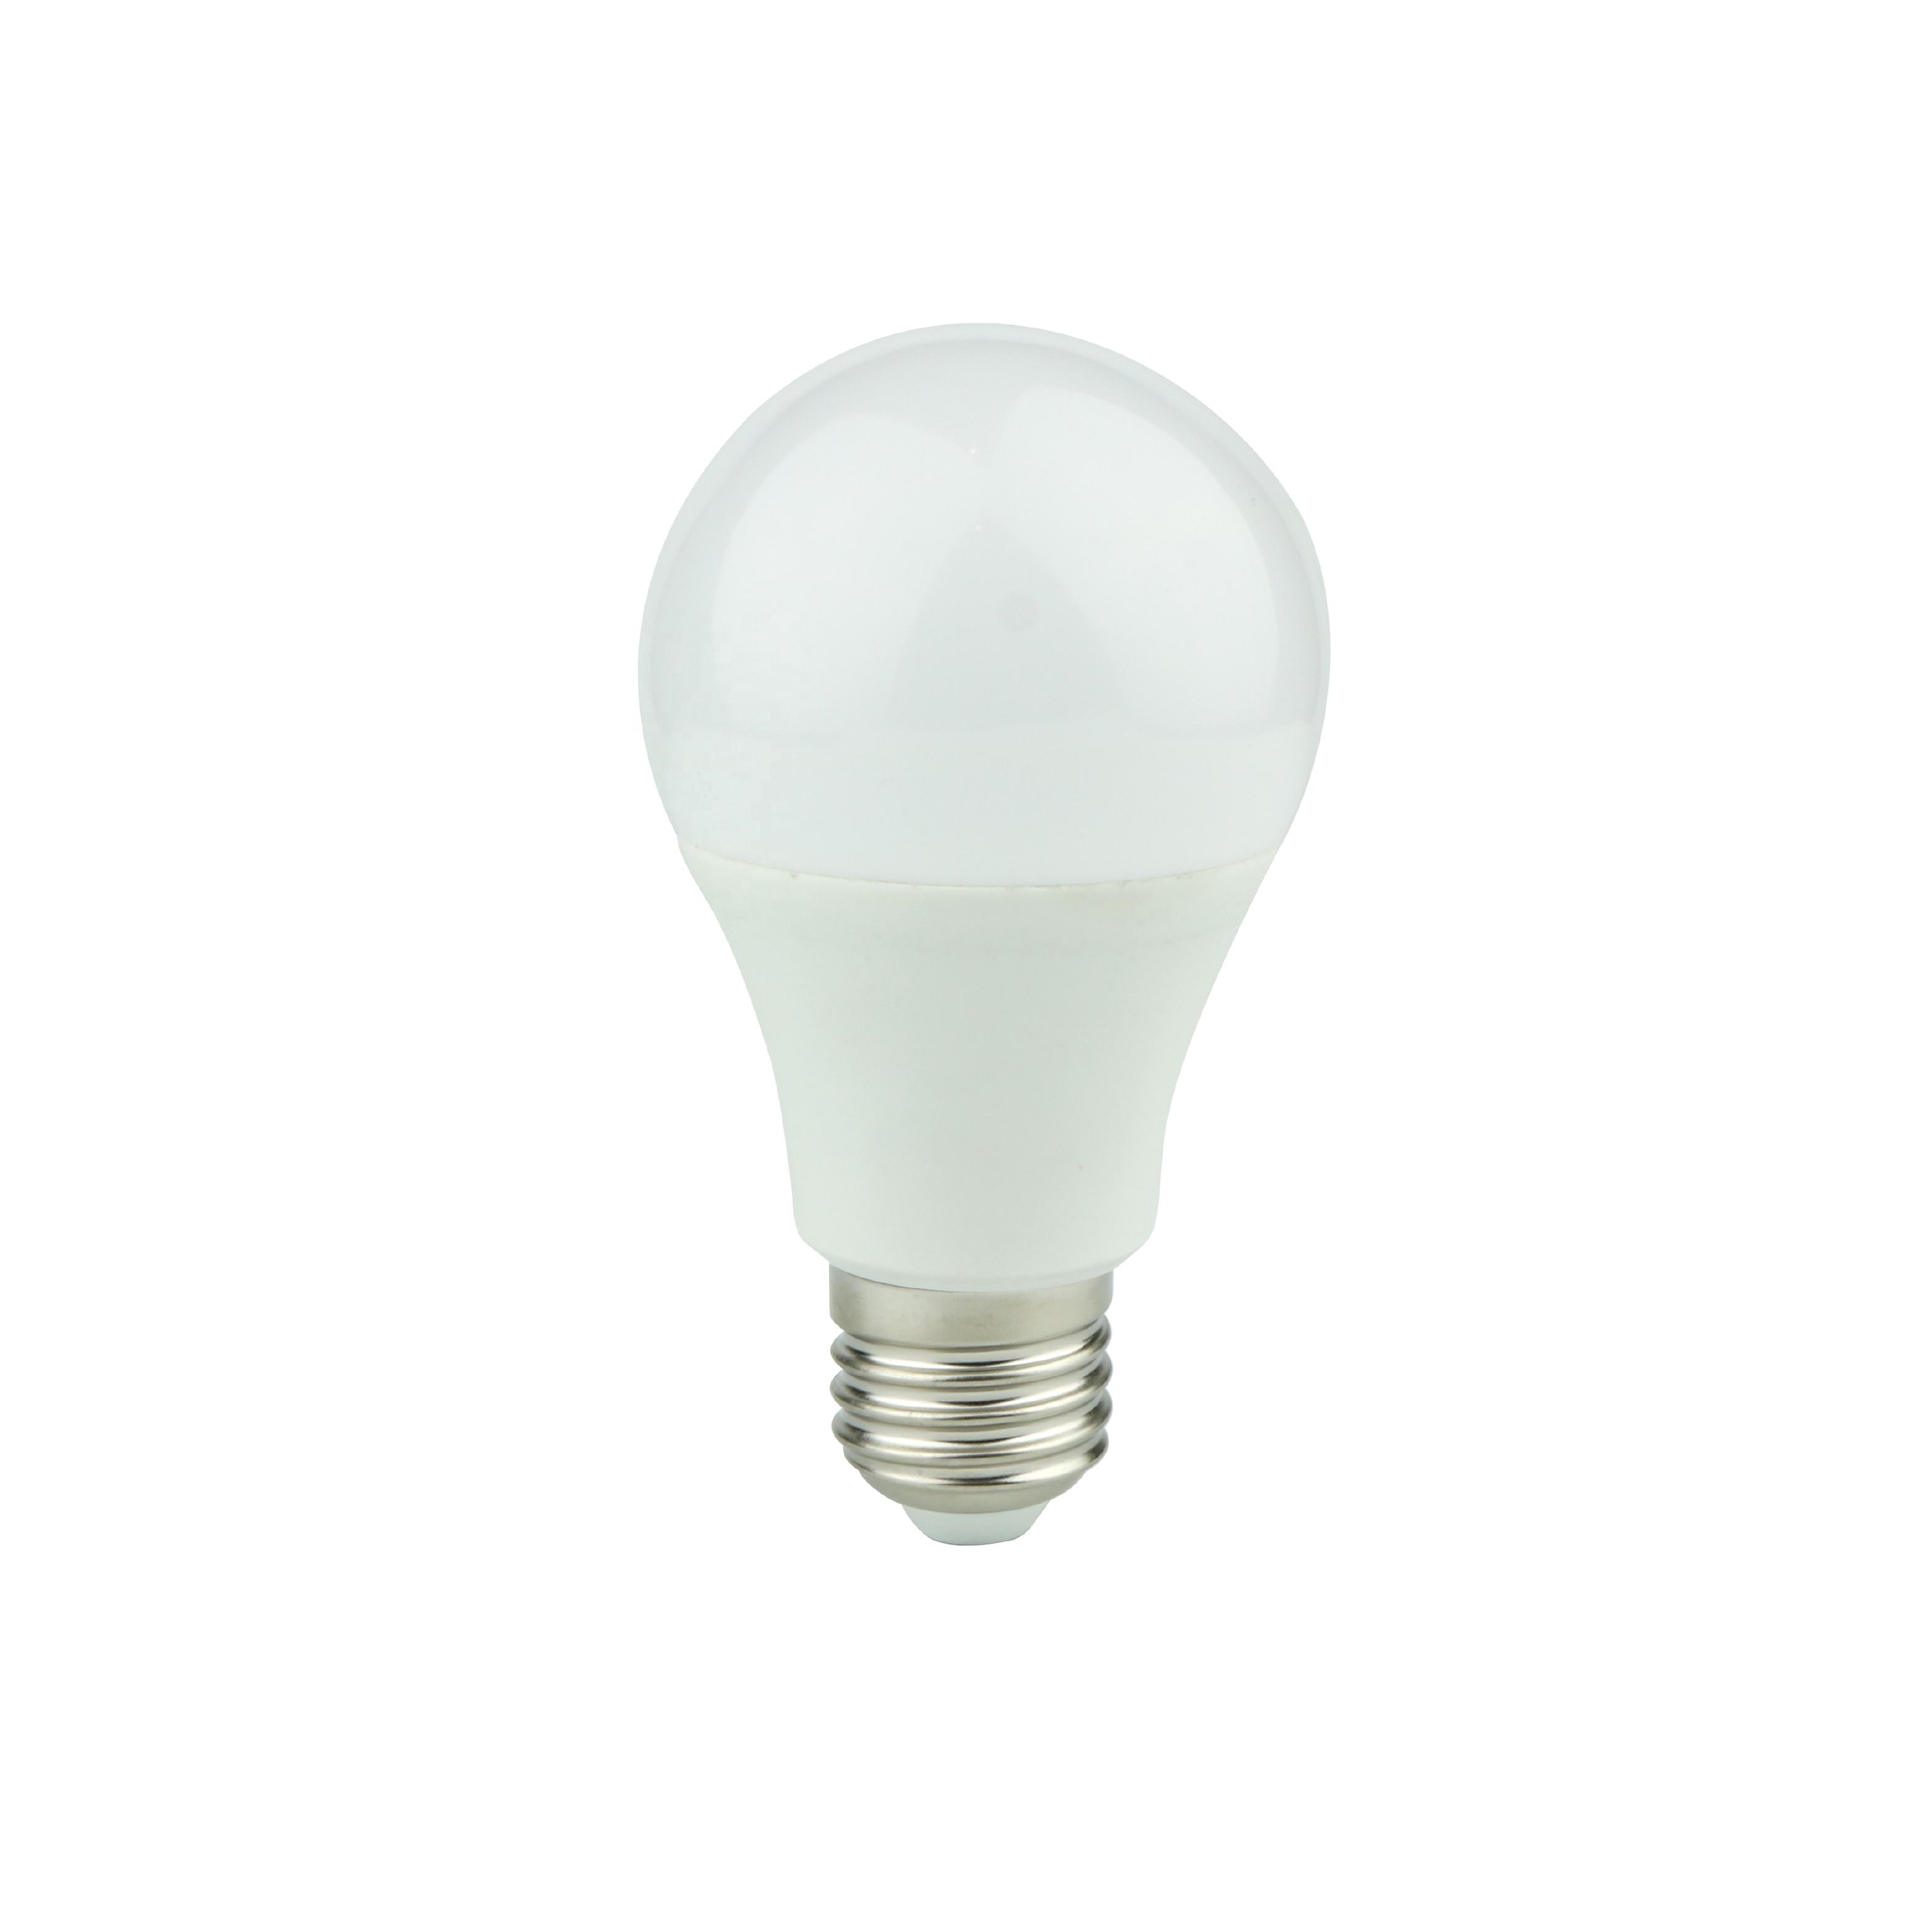 led bulb plastic and aluminum lamp A60 E27 base 12W Cold white ar retail